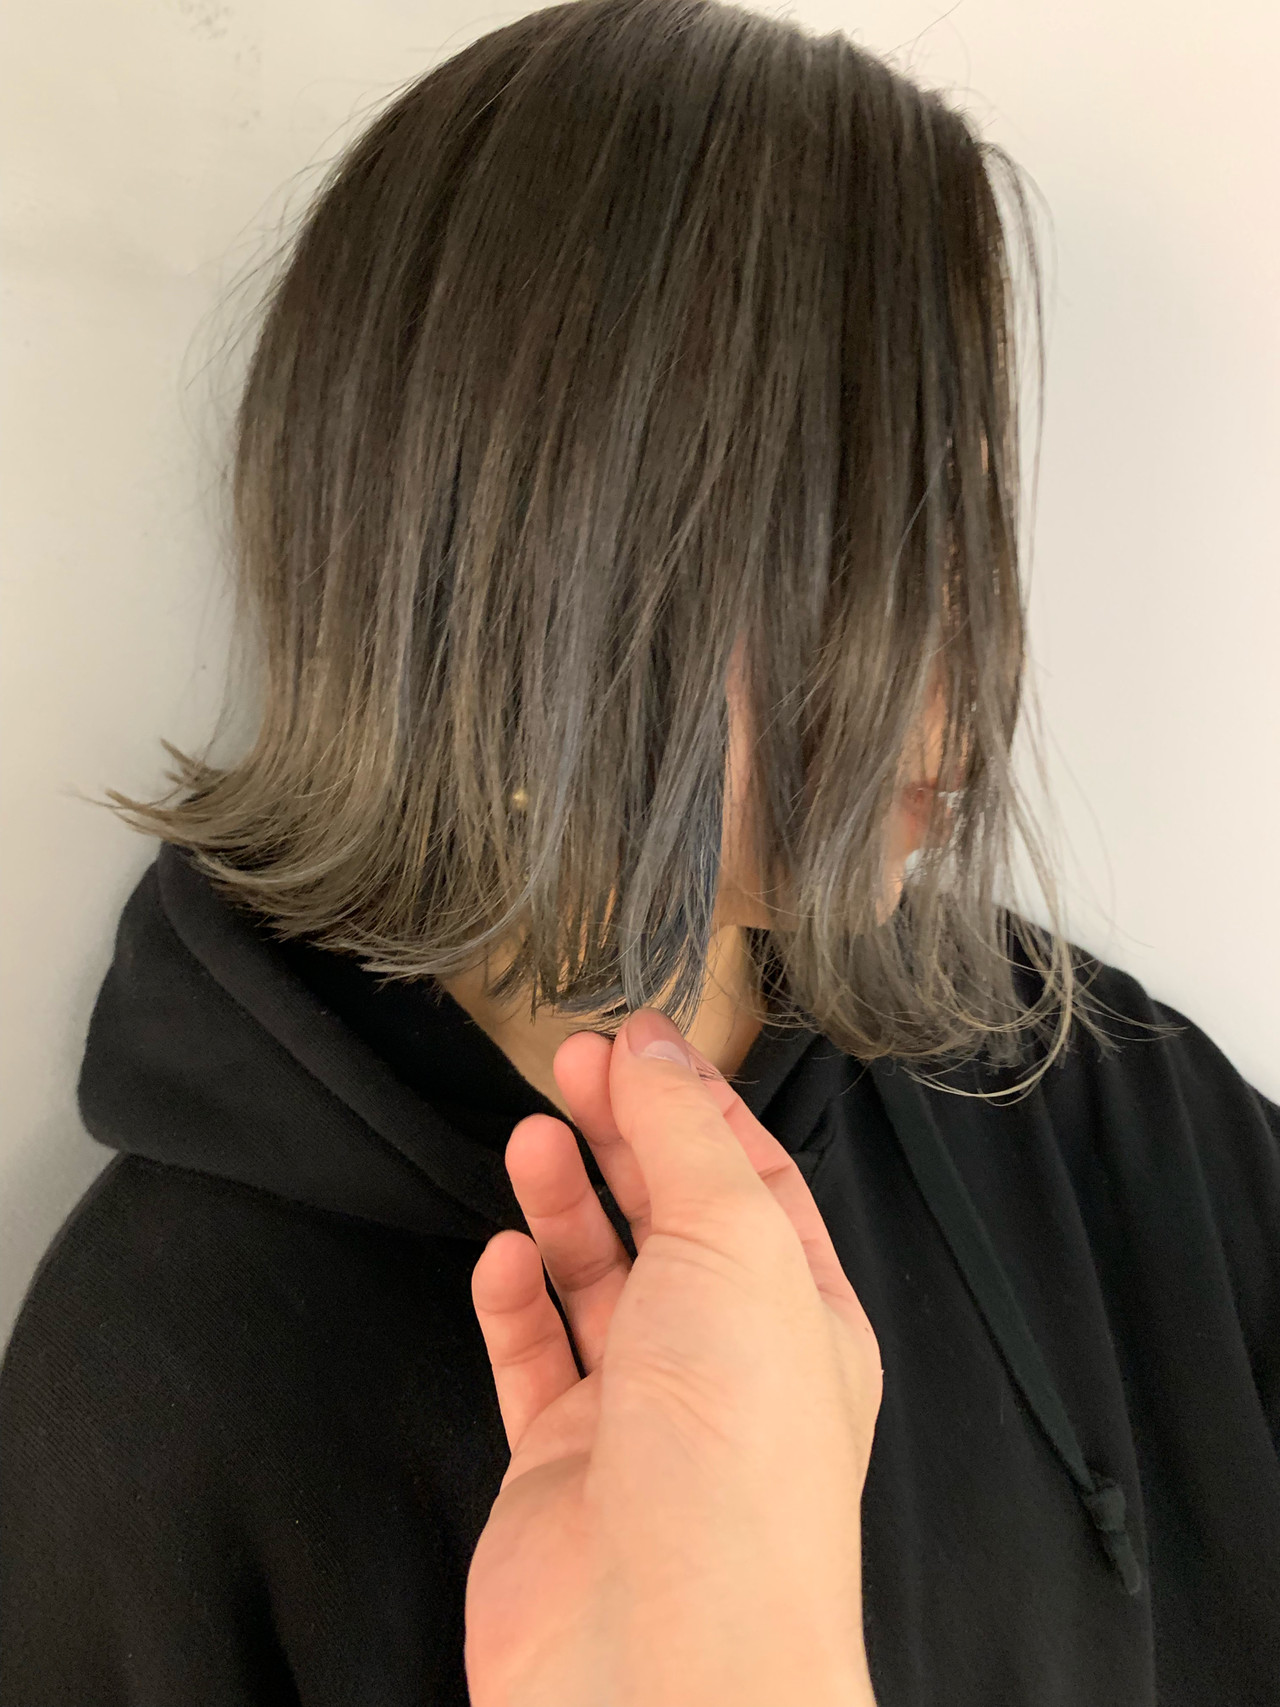 バレイヤージュ アッシュグラデーション 外ハネボブ ナチュラル ヘアスタイルや髪型の写真・画像 | miya/@1031miya / フリーランス(XENA)